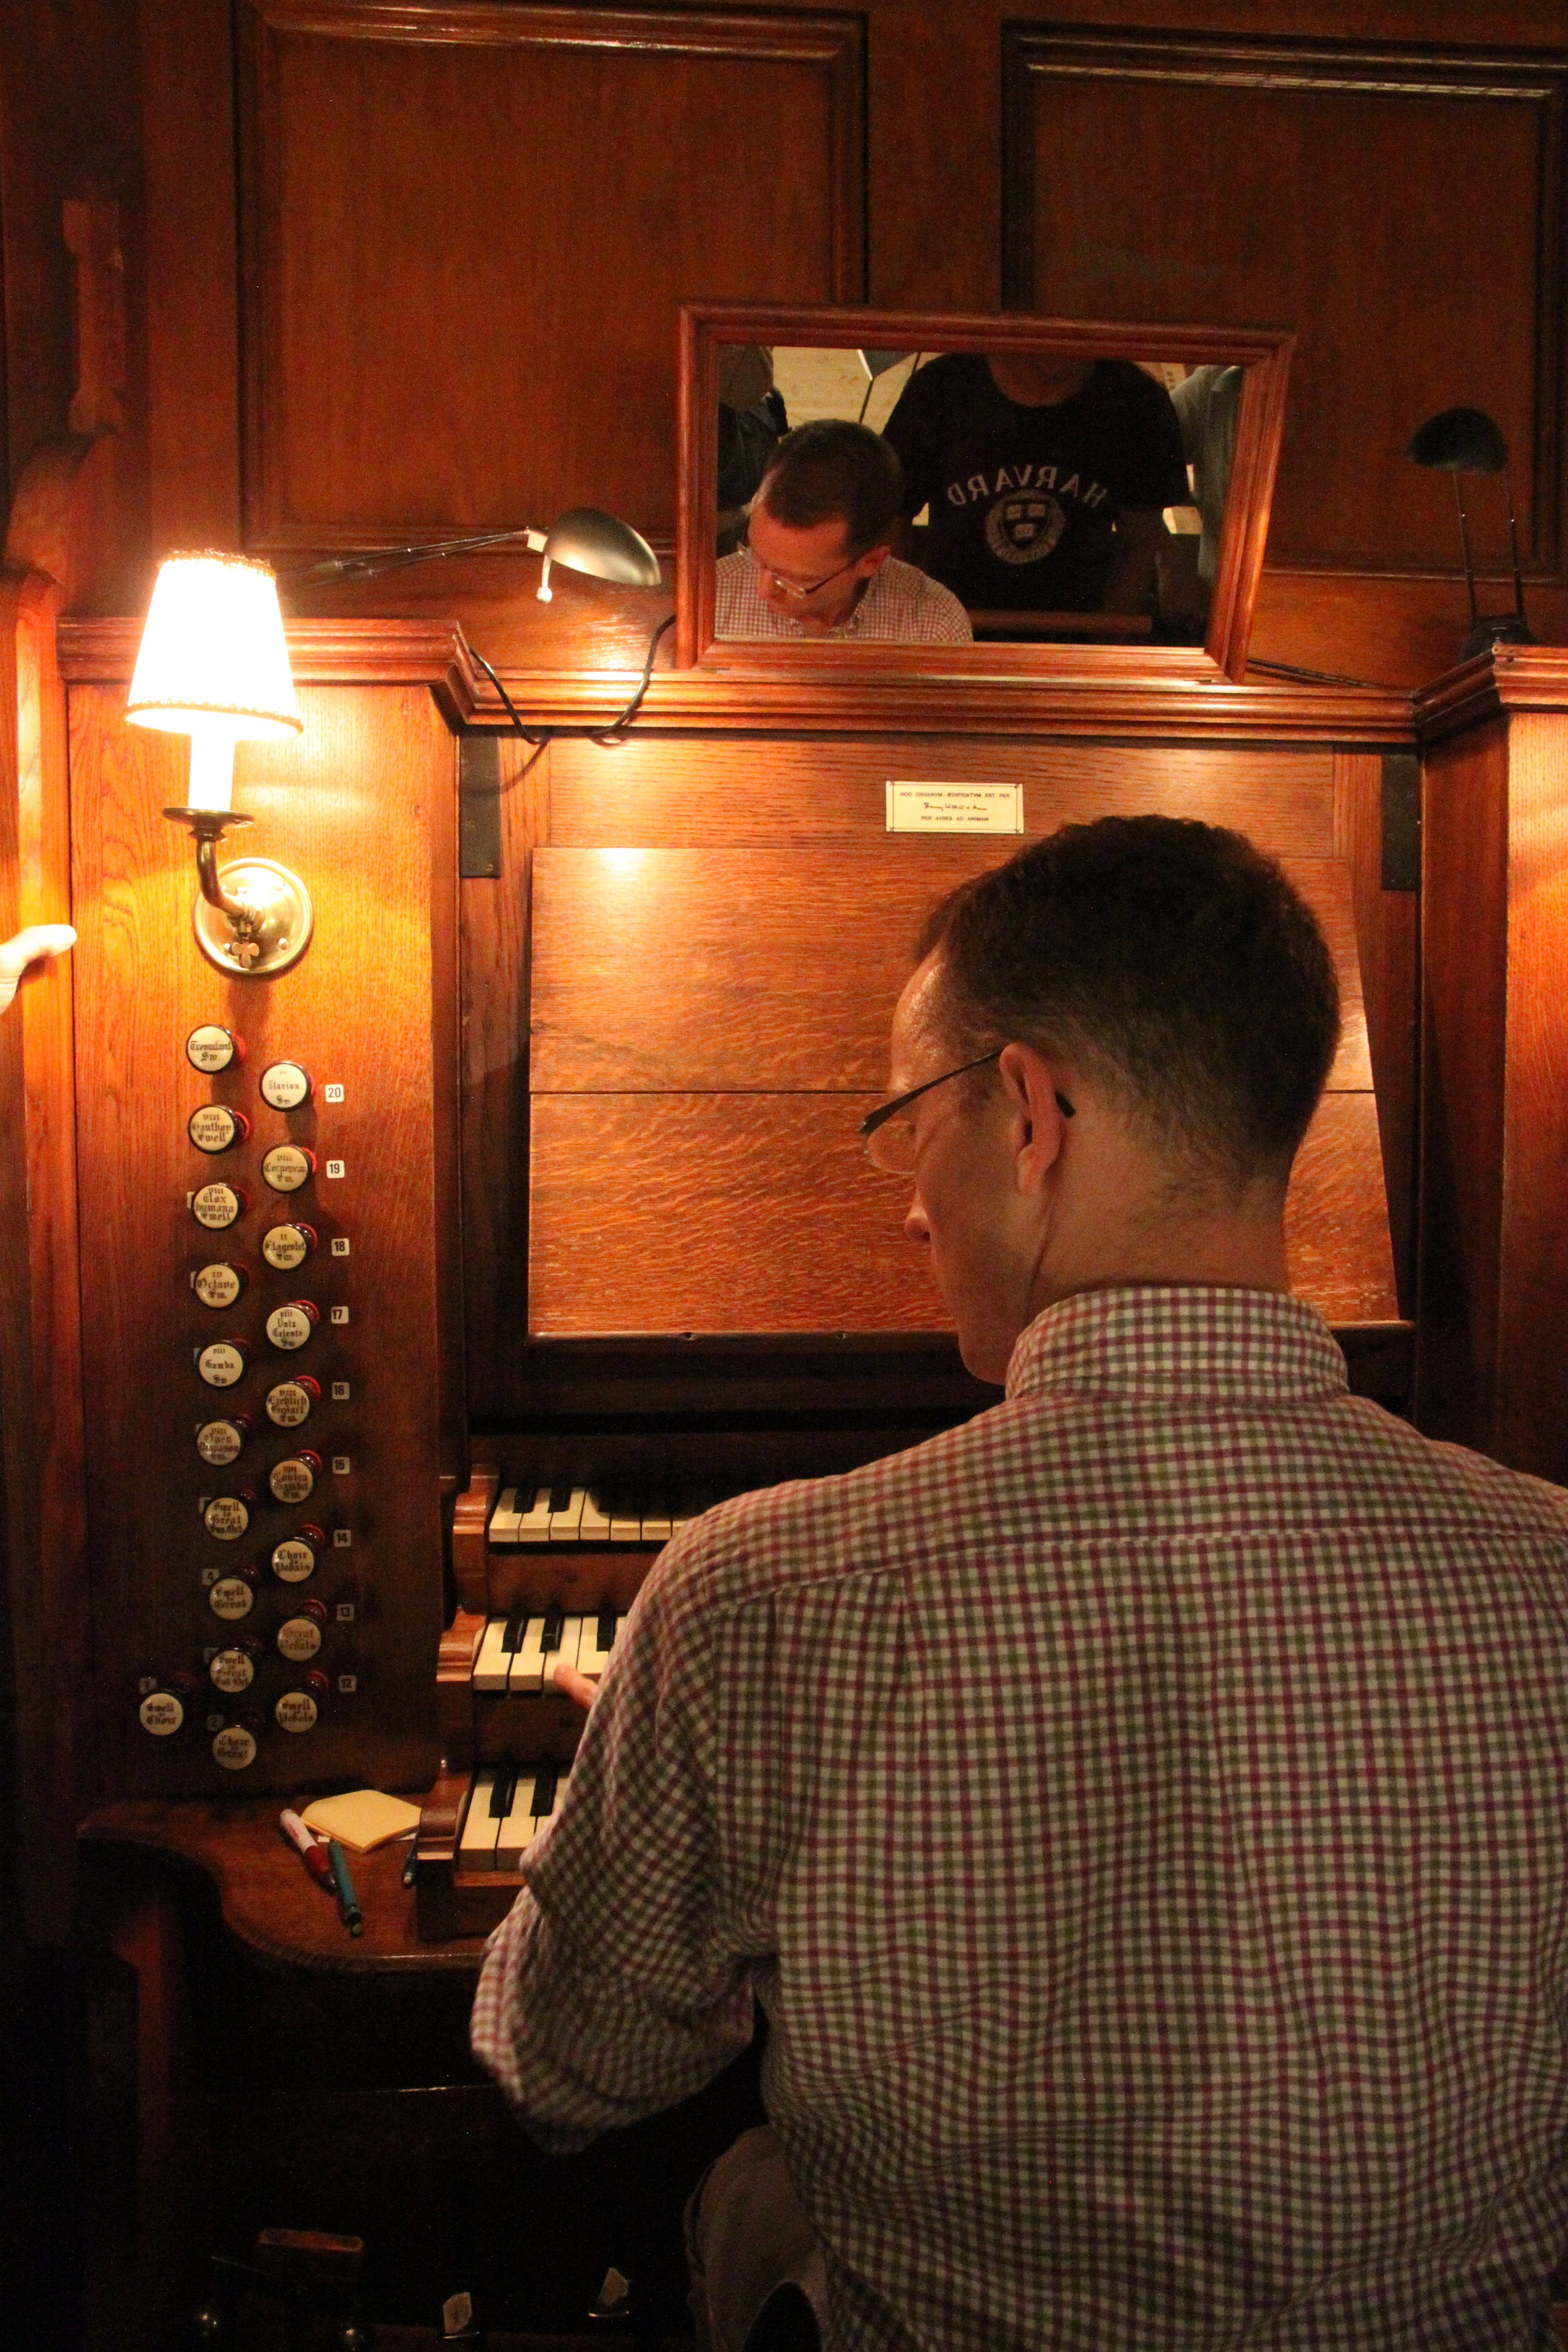 Christian Lane demonstrates the 1871 Willis Organ in Örgryte New Church, Göteborg, Sweden.